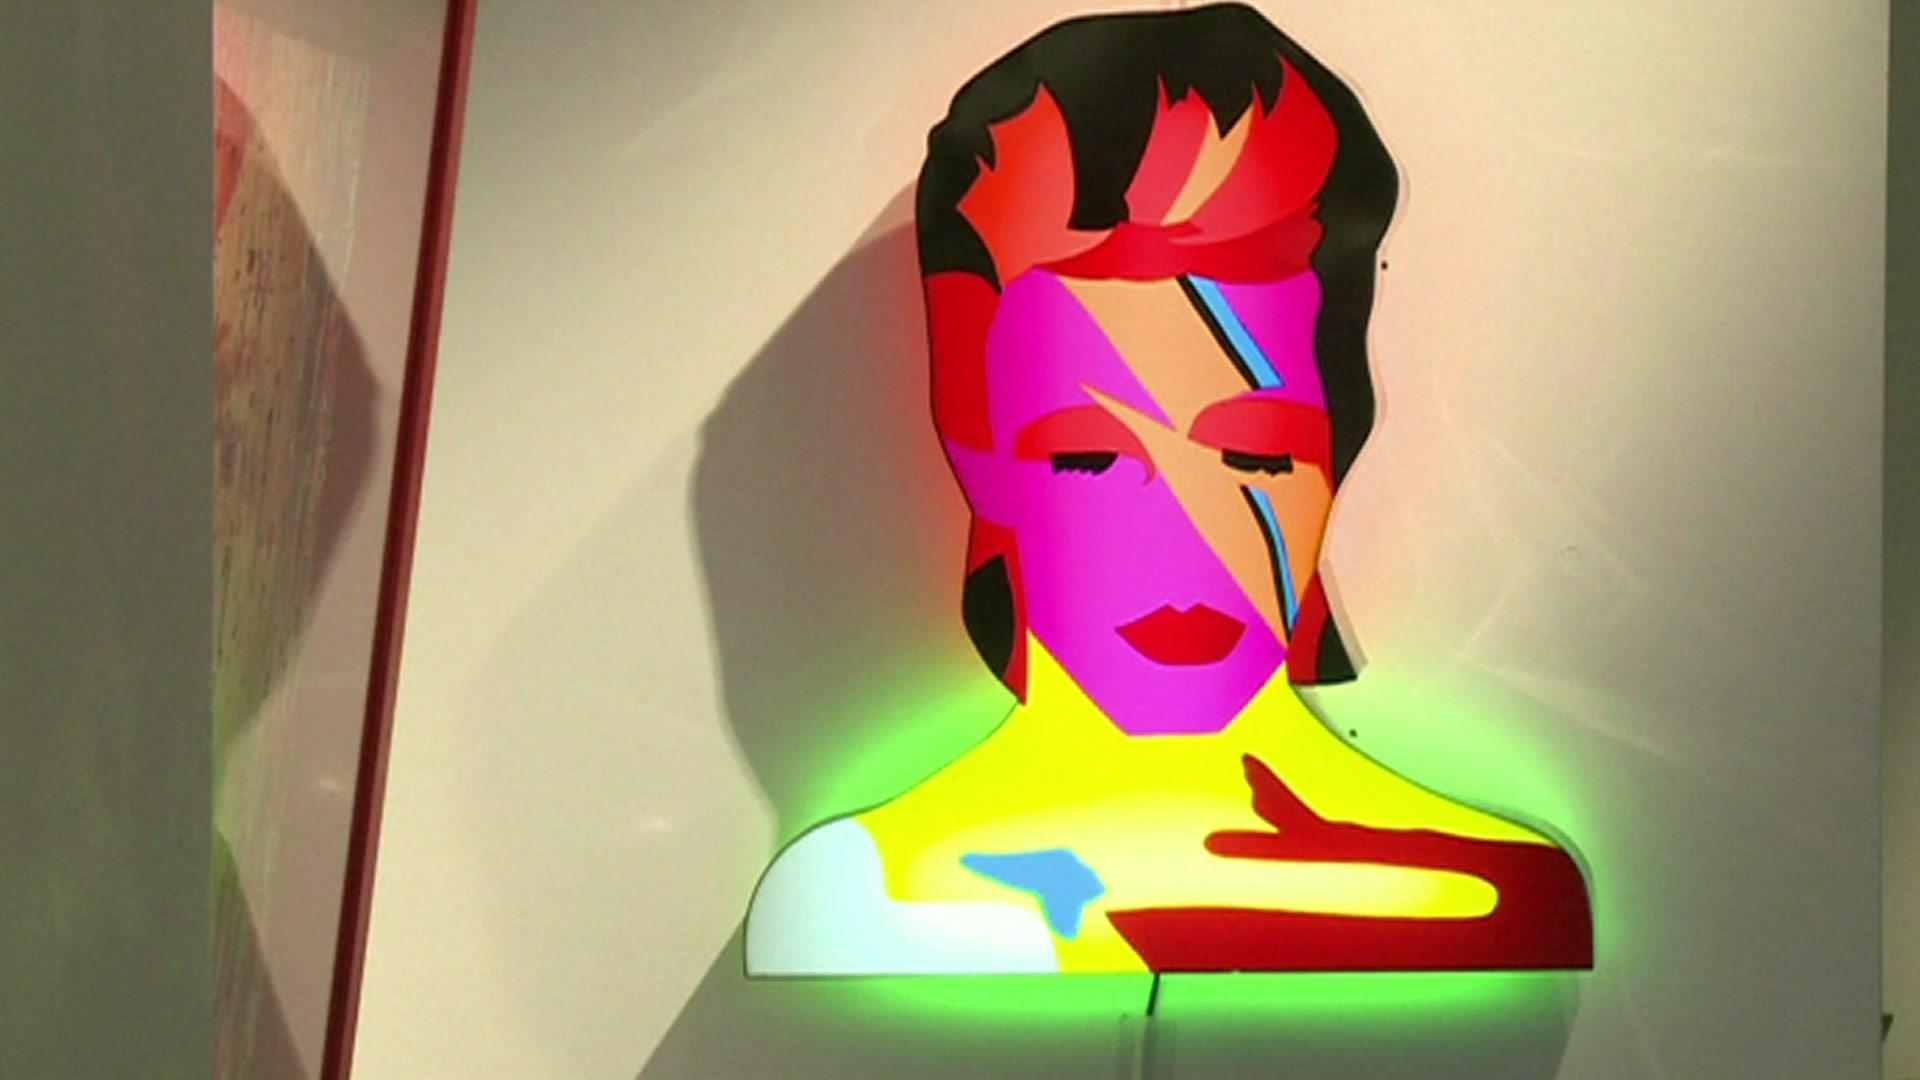 David Bowie voltou a ser tema de exposição em Londres, agora na Open Gallery